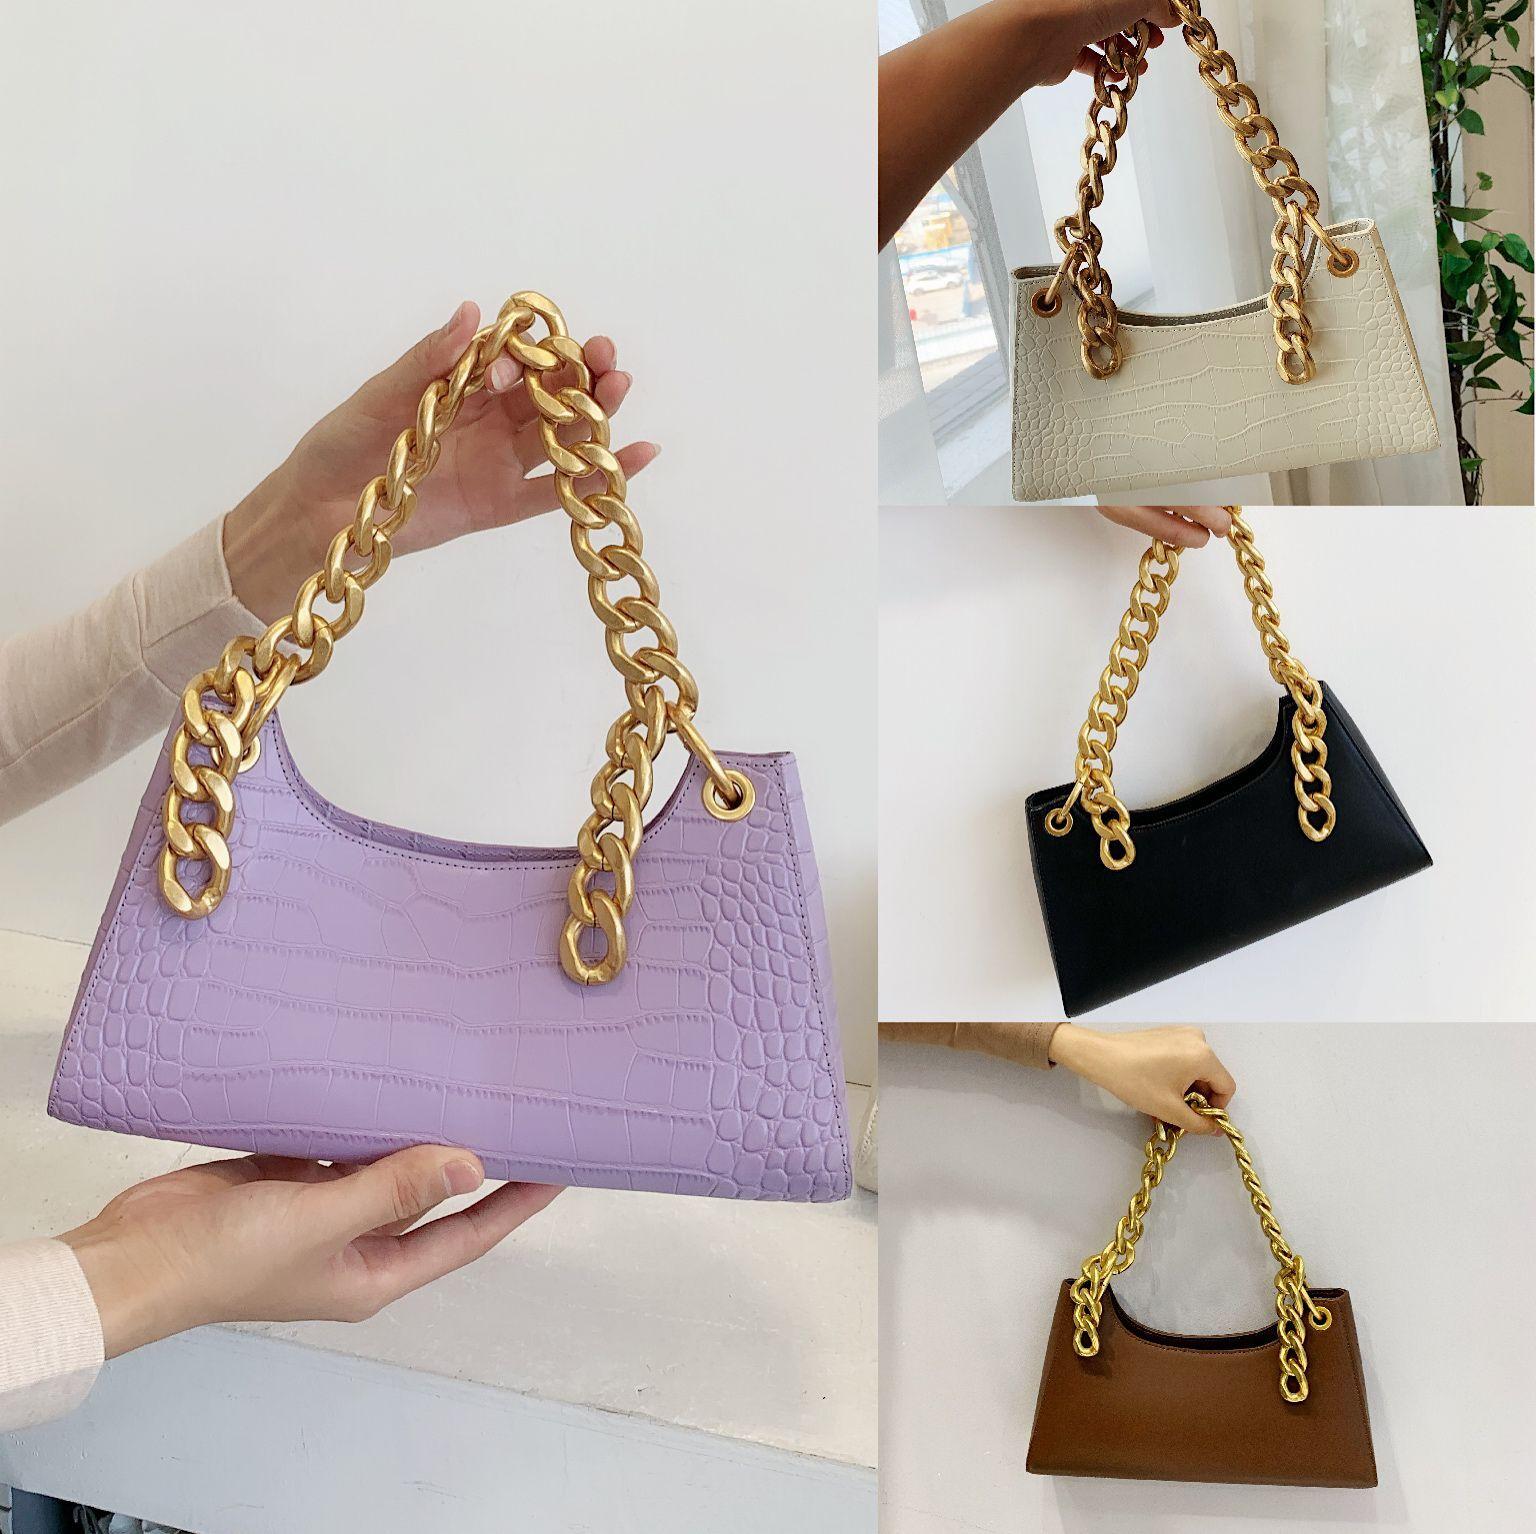 紫色手提包 2020新款小CK粗链条法棍包紫色腋下包复古鳄鱼纹真皮手提单肩女包_推荐淘宝好看的紫色手提包